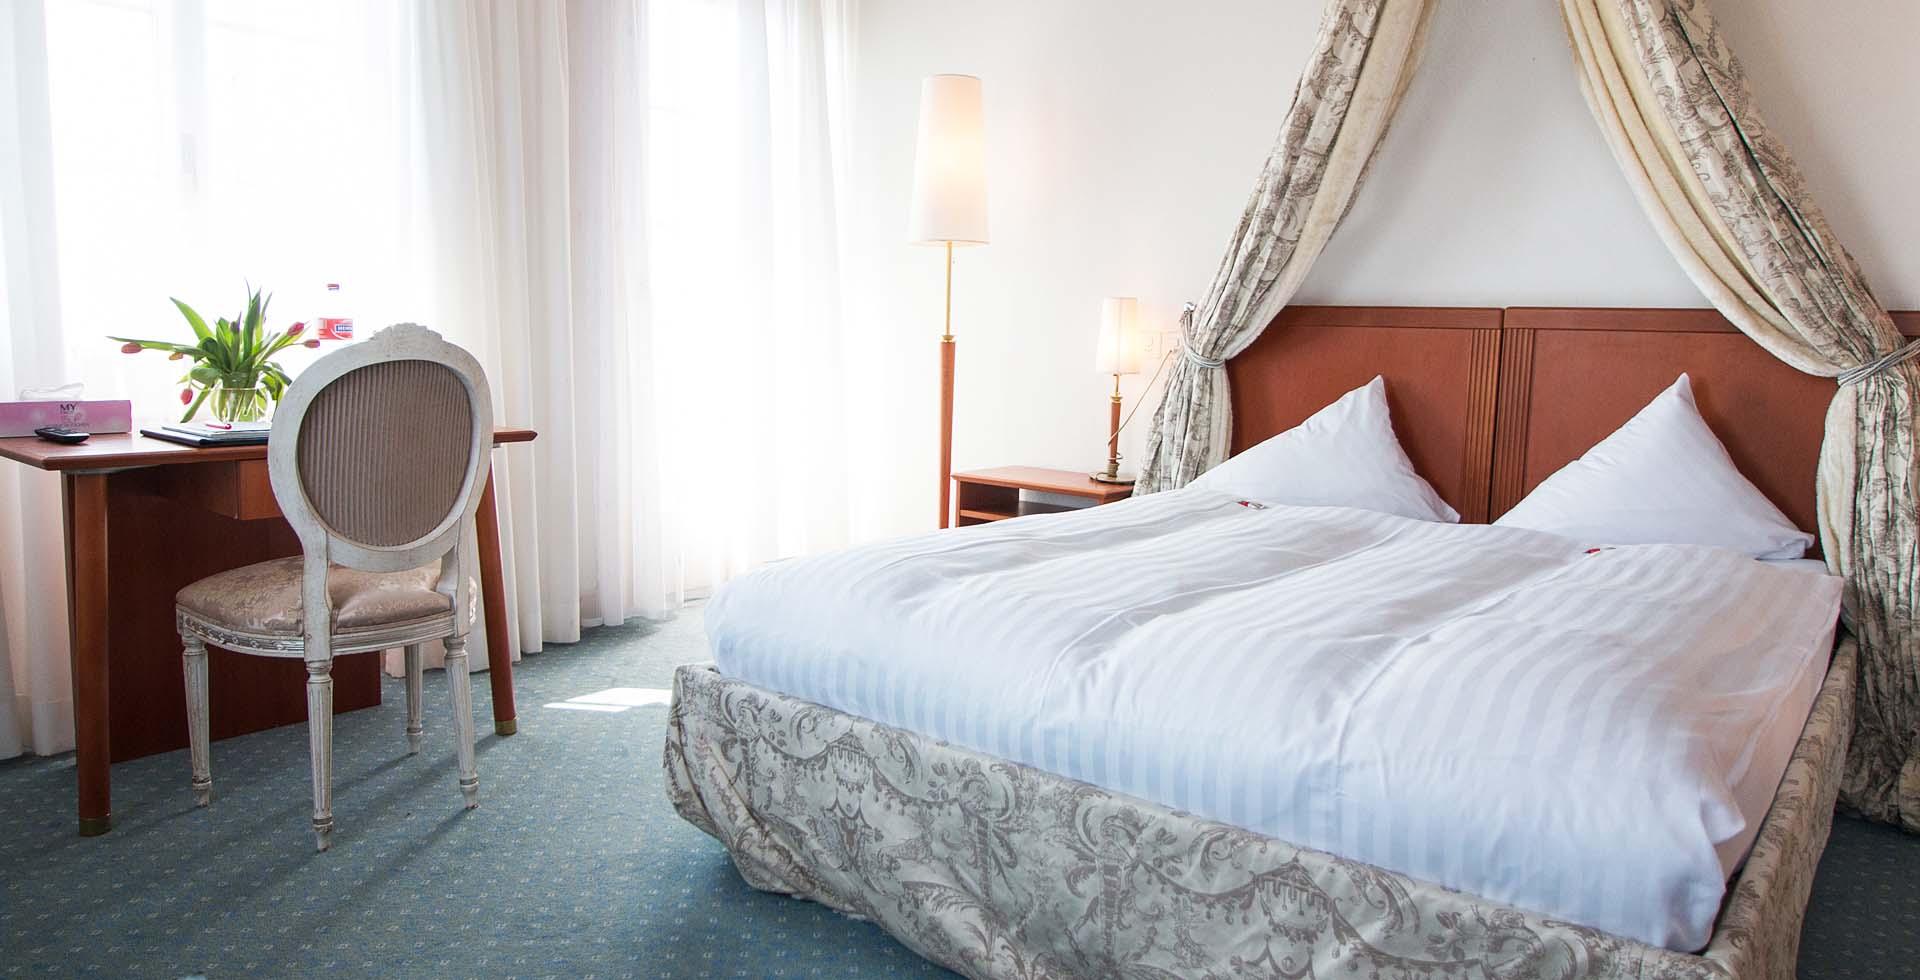 Slide Unser Hotel-Schloss-Romanshorn-_MG_1695-1920x980